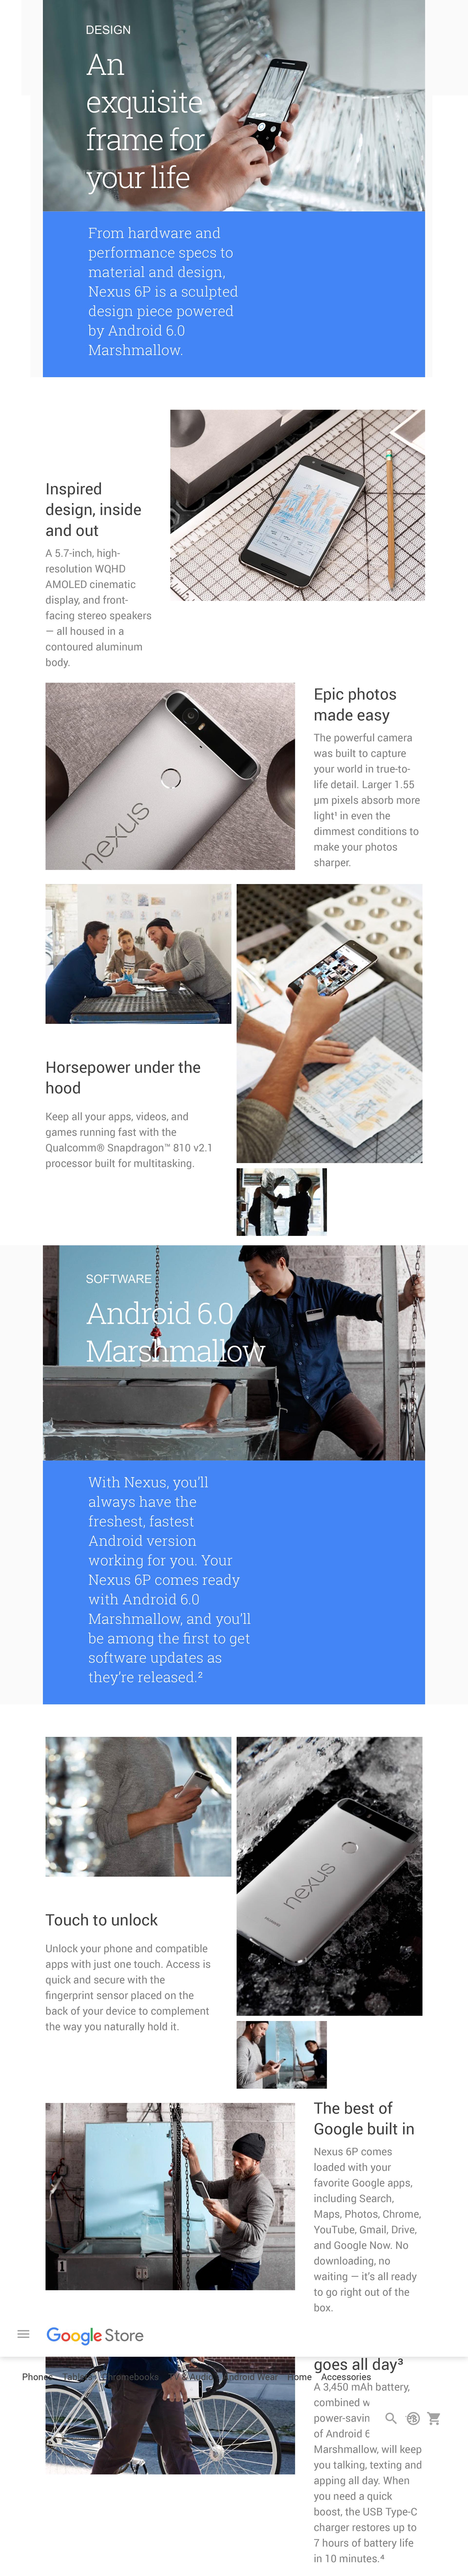 Nexus 6P_resize.jpg